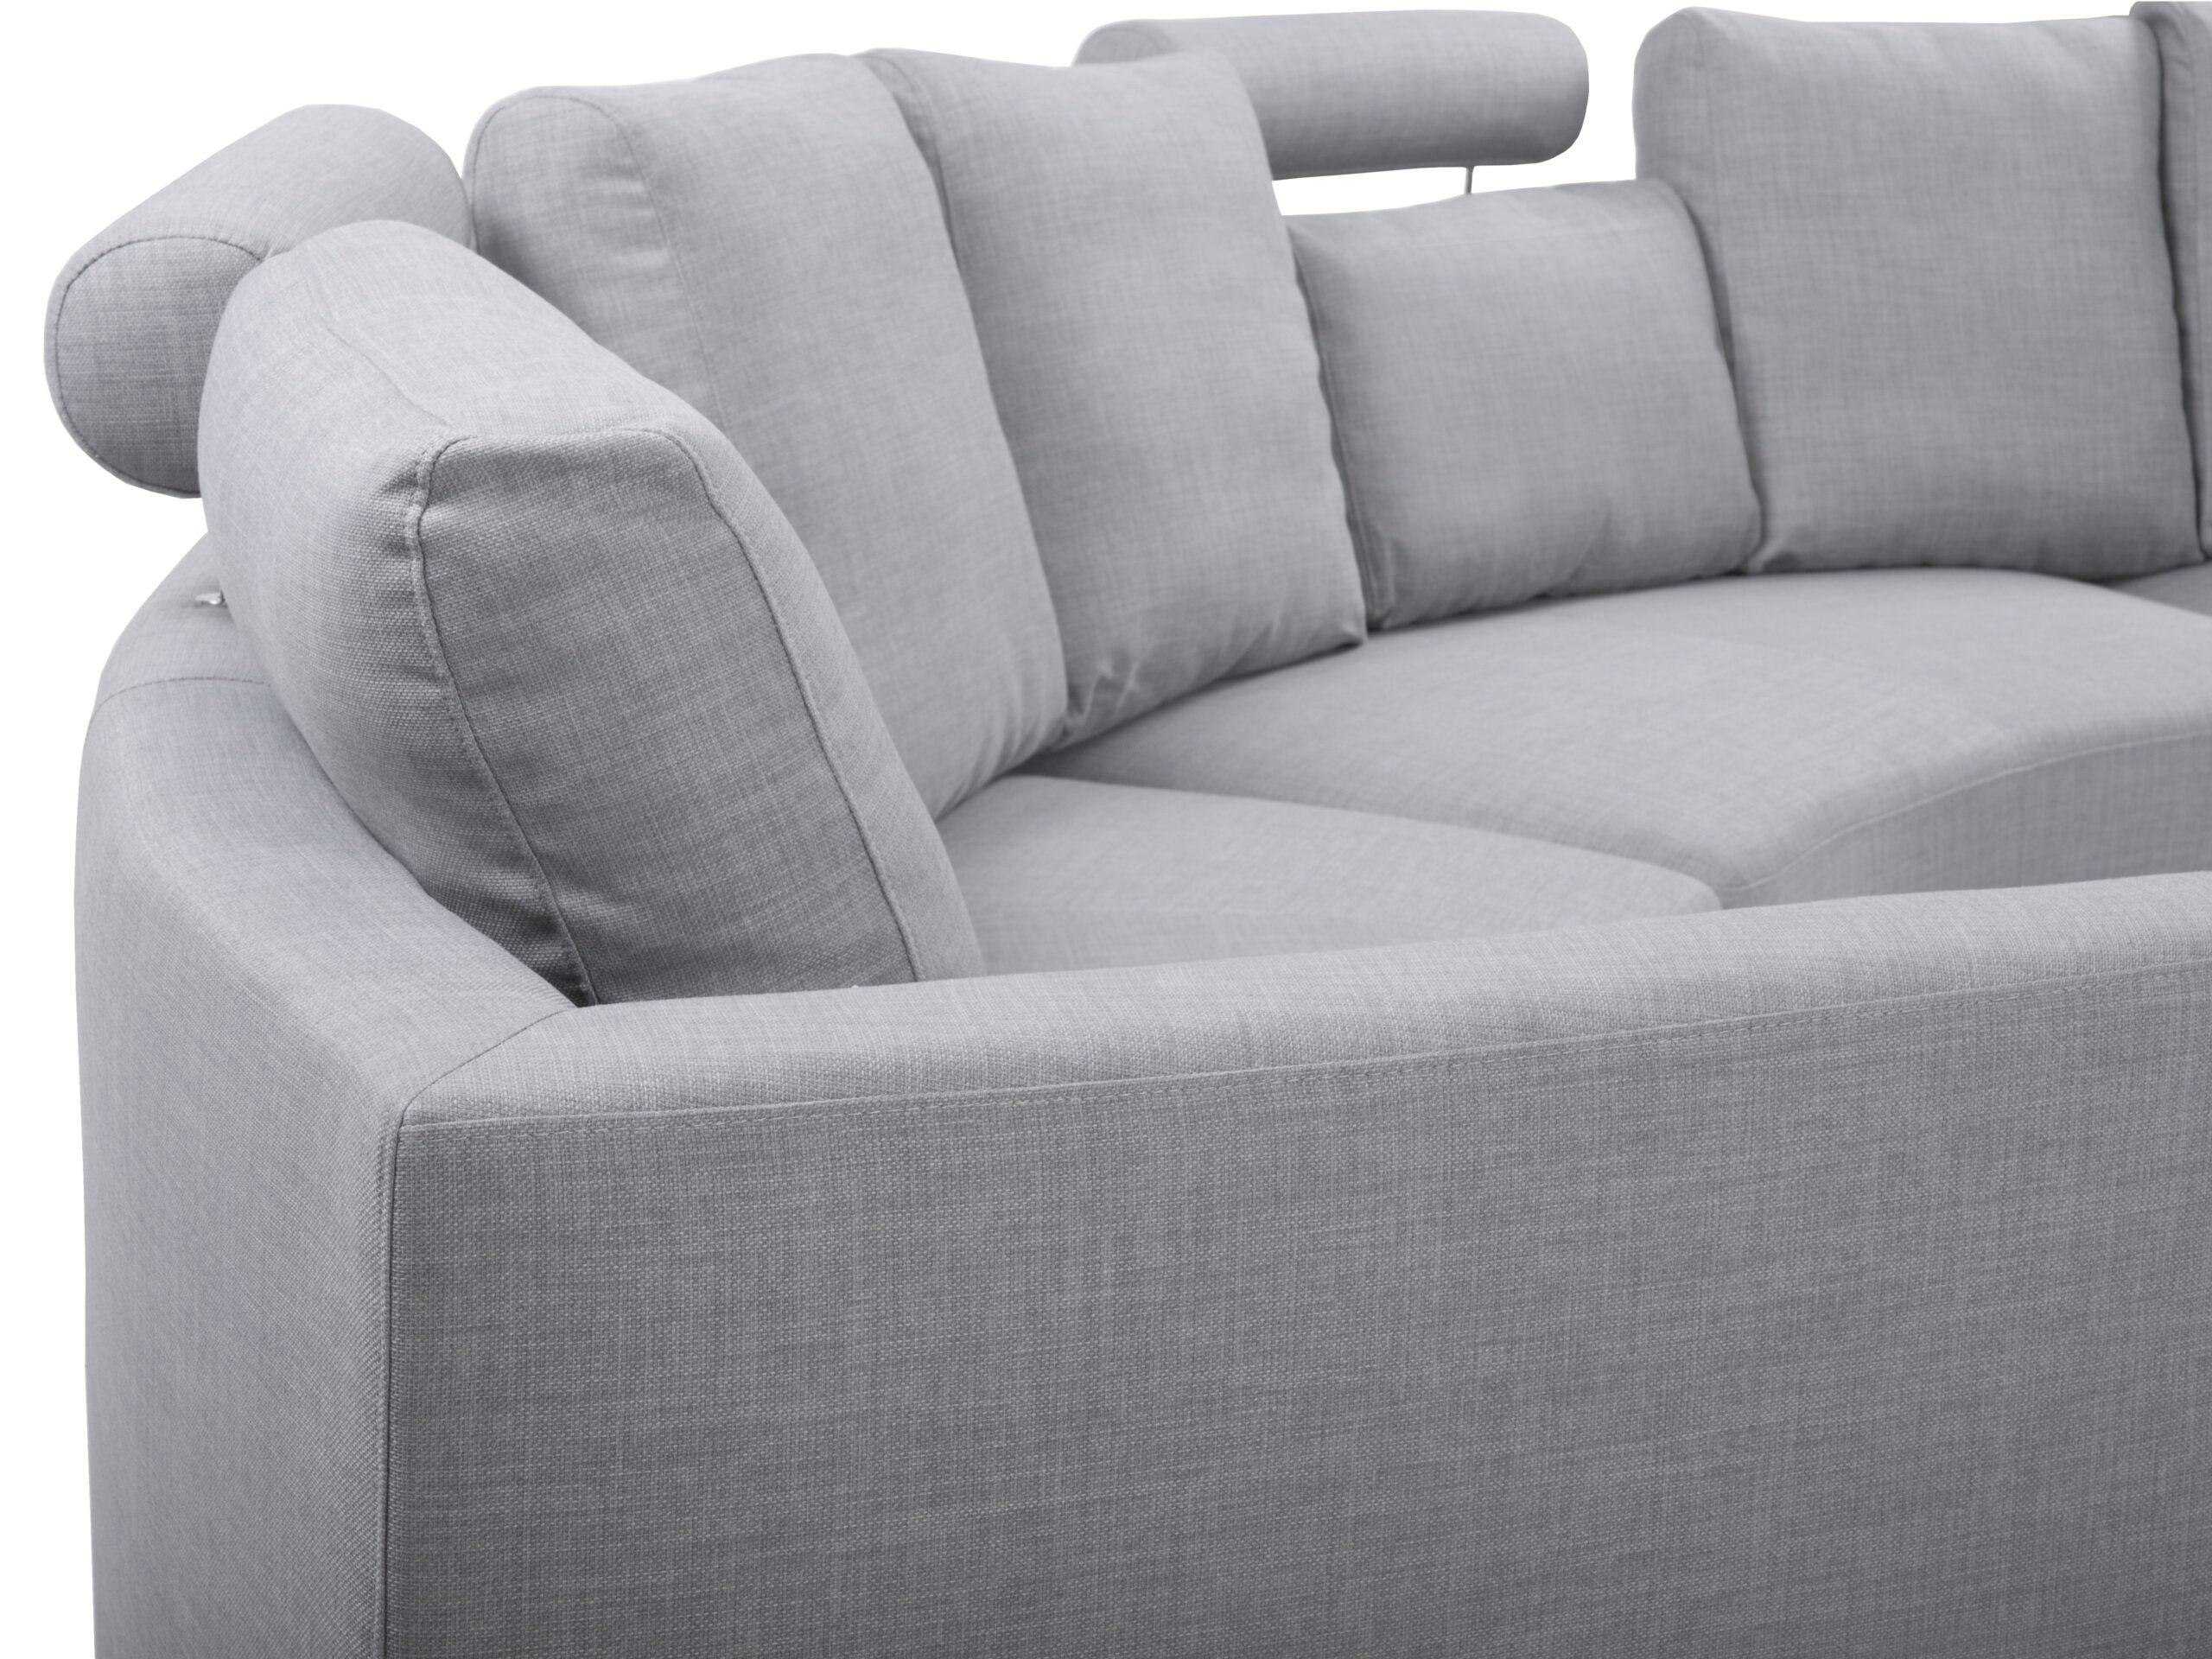 Full Size of Arundel Chesterfield Sofa Runde Form Leather Rundecke Klein Rund Design Couch Polsterbezug Hellgrau Rotunde Belianide Auf Raten Terassen 3er Grau Esstische Sofa Sofa Rund